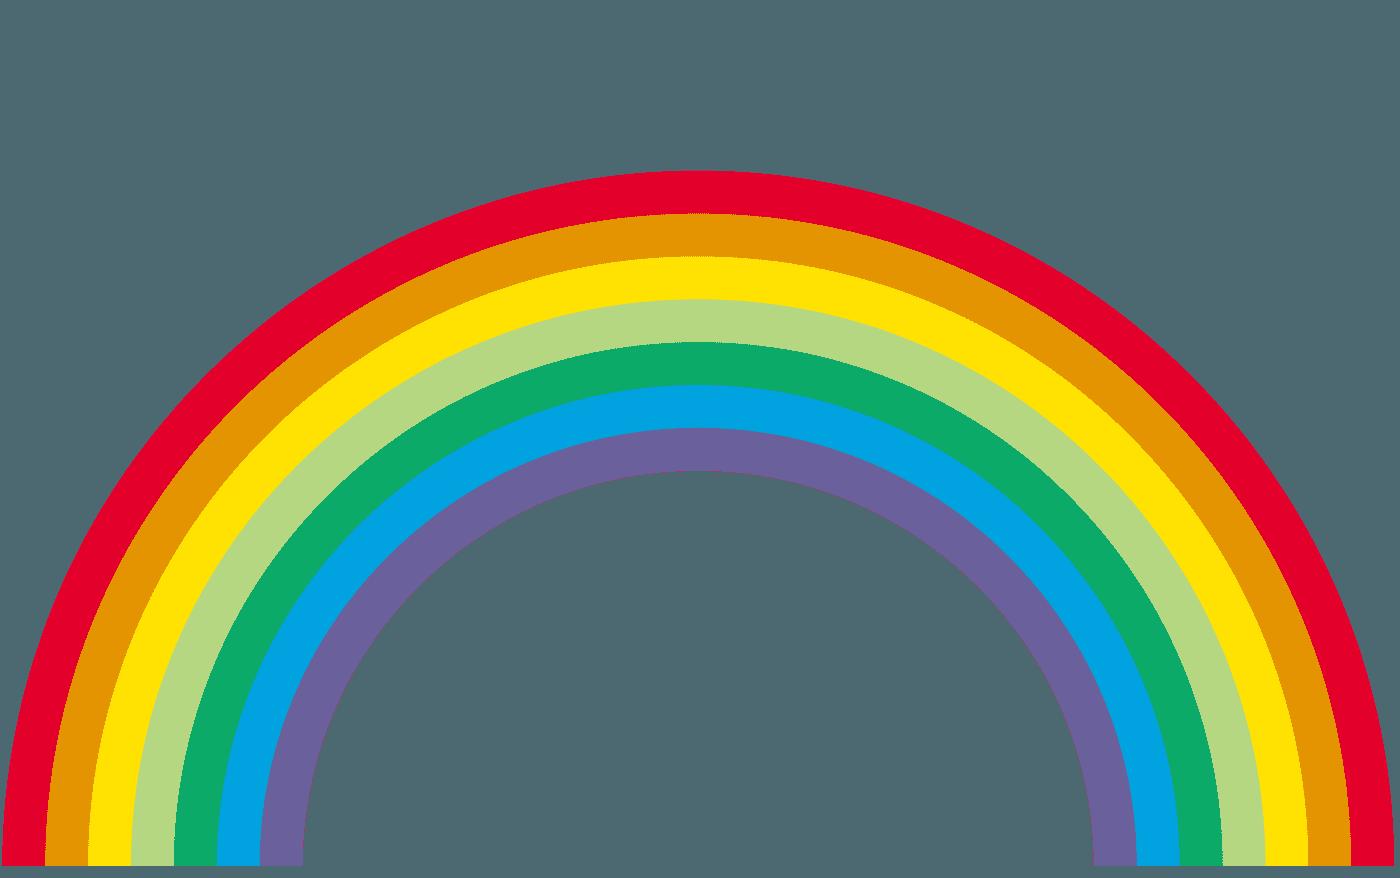 太めの虹虹イラスト